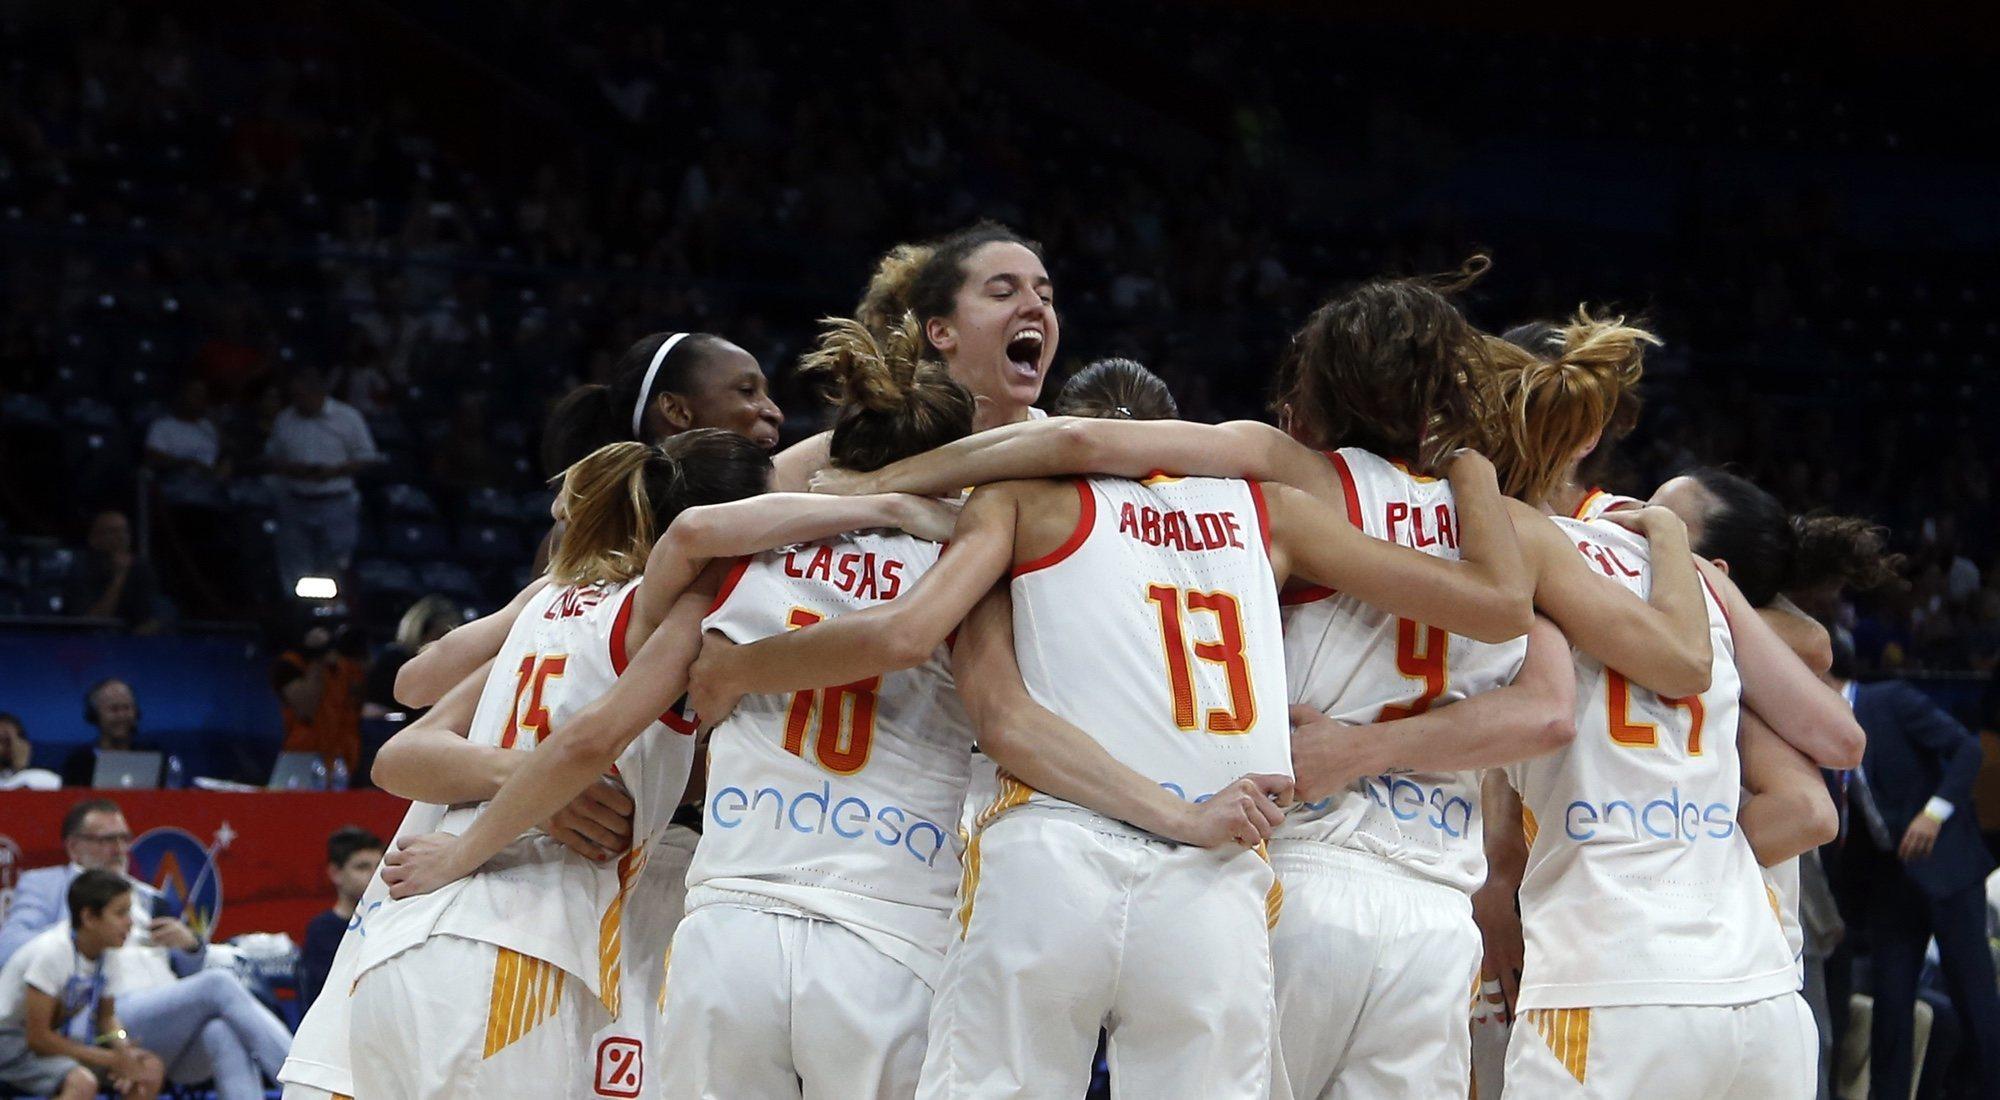 El futuro del baloncesto femenino en España